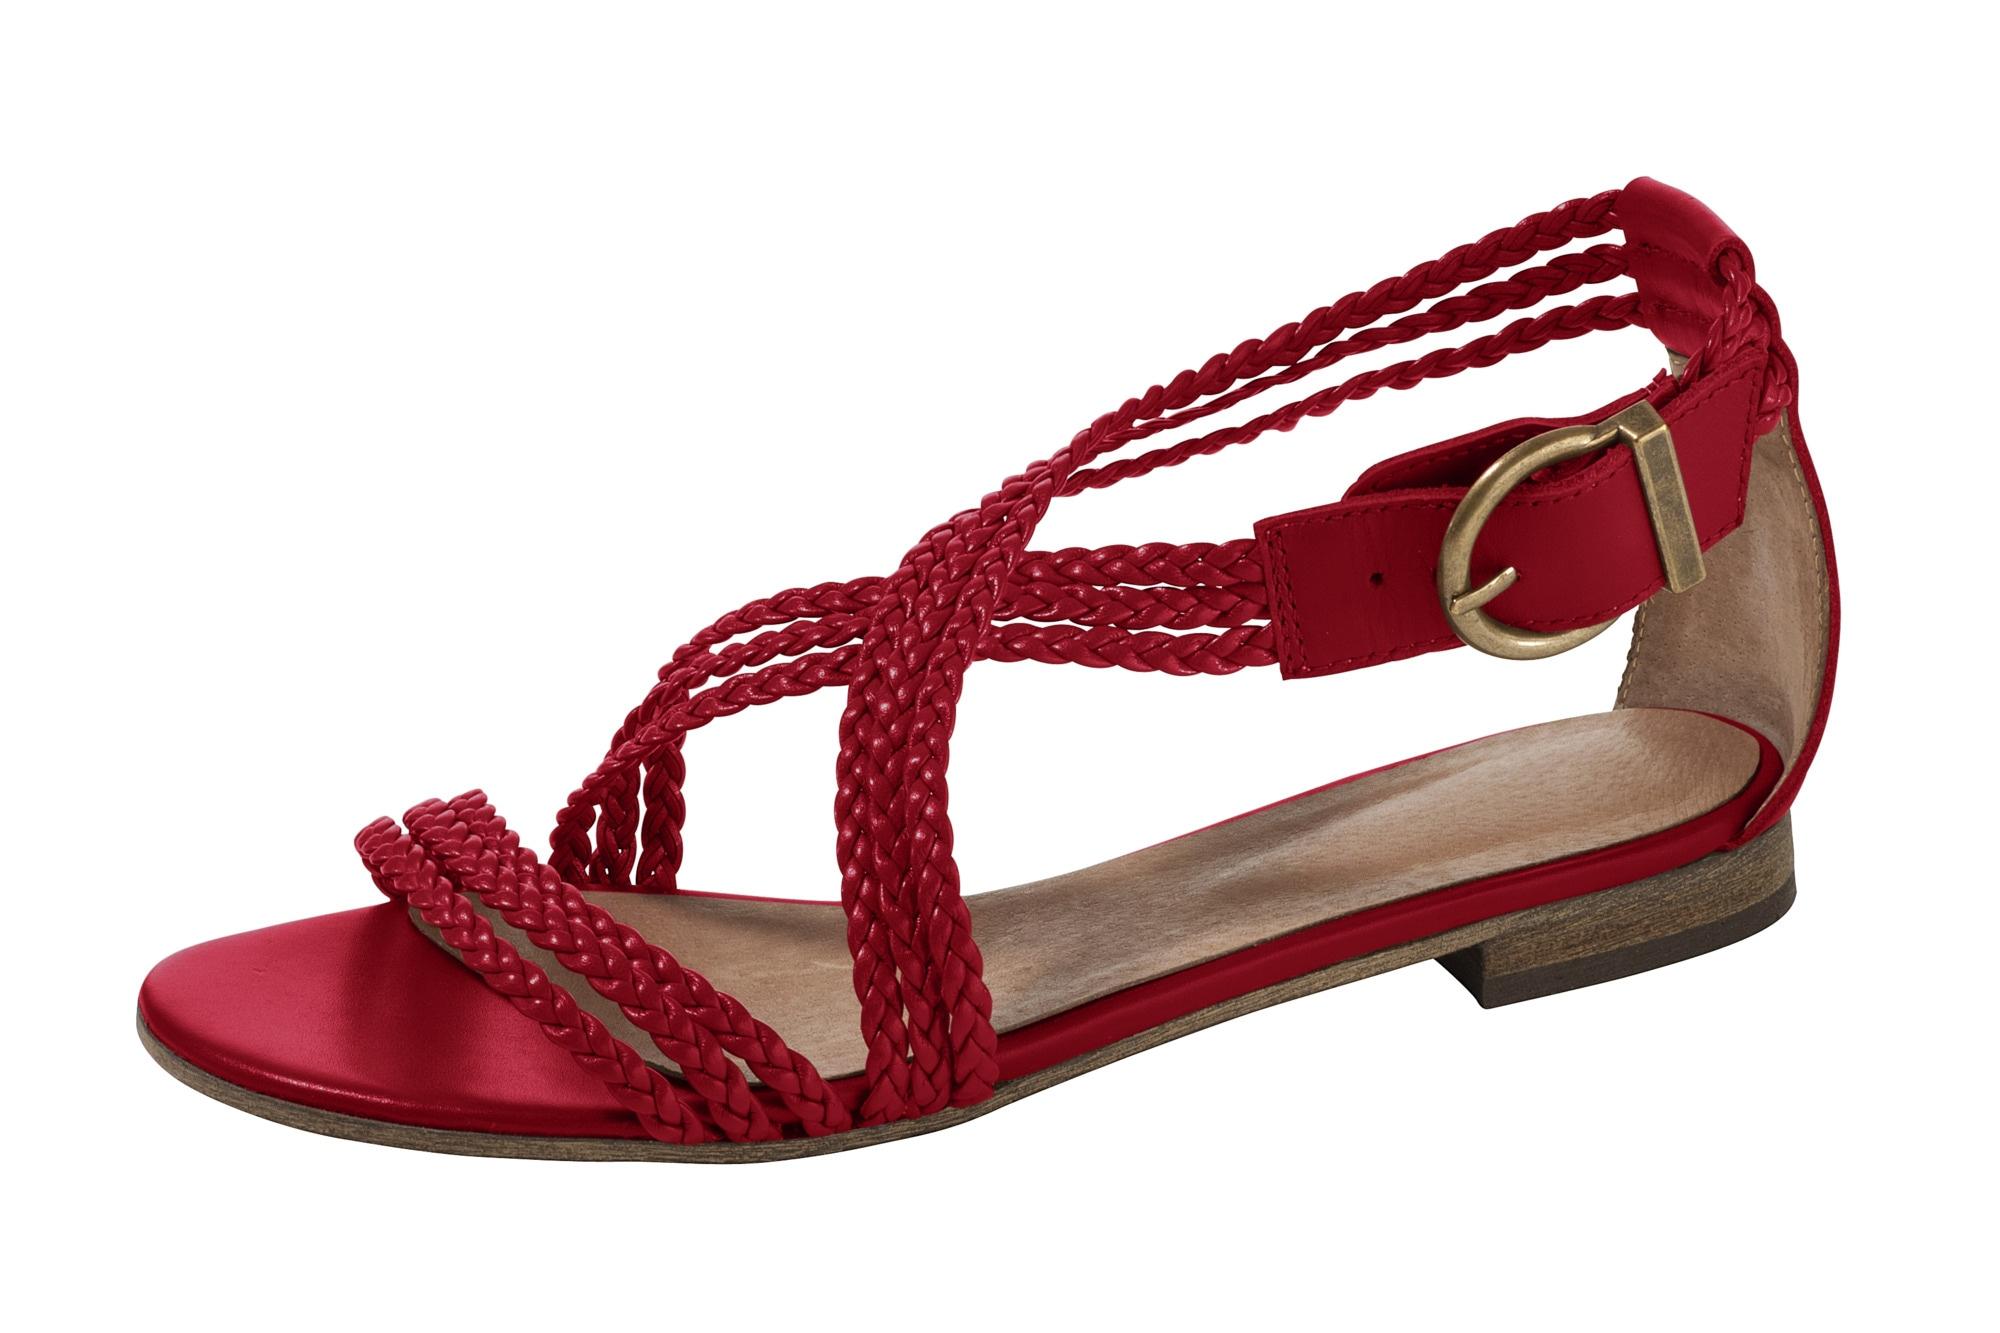 heine -  Sandalette mit geflochtenen Riemchen